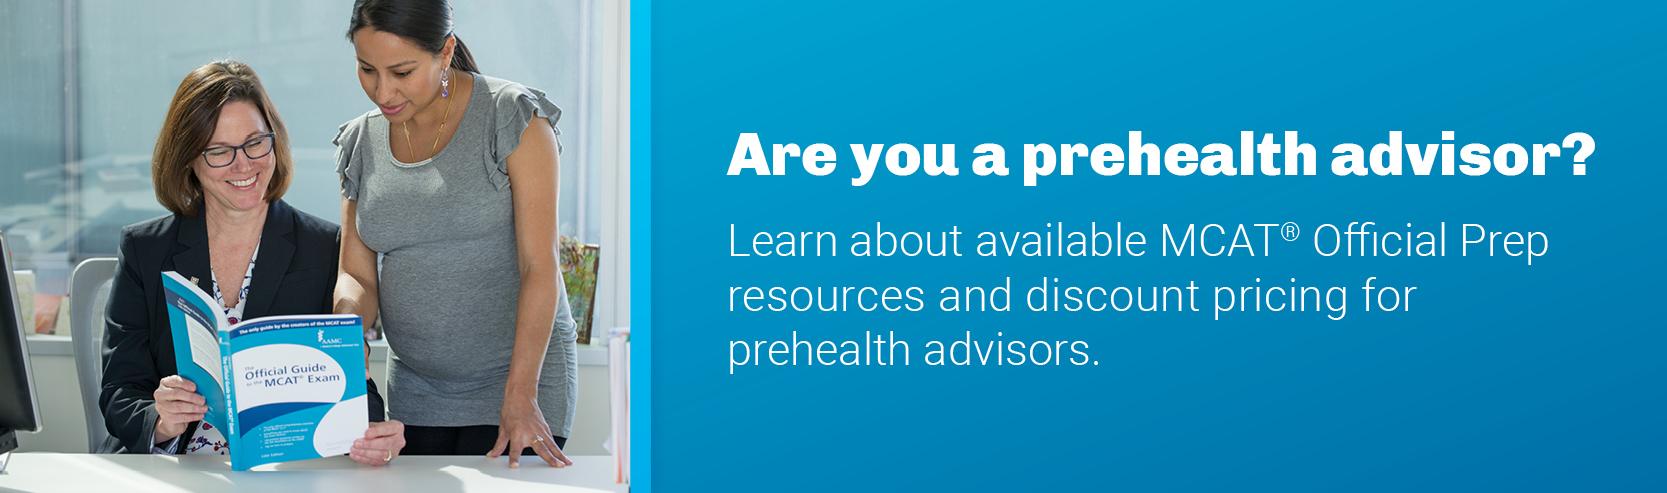 Are you a prehealth advisor?